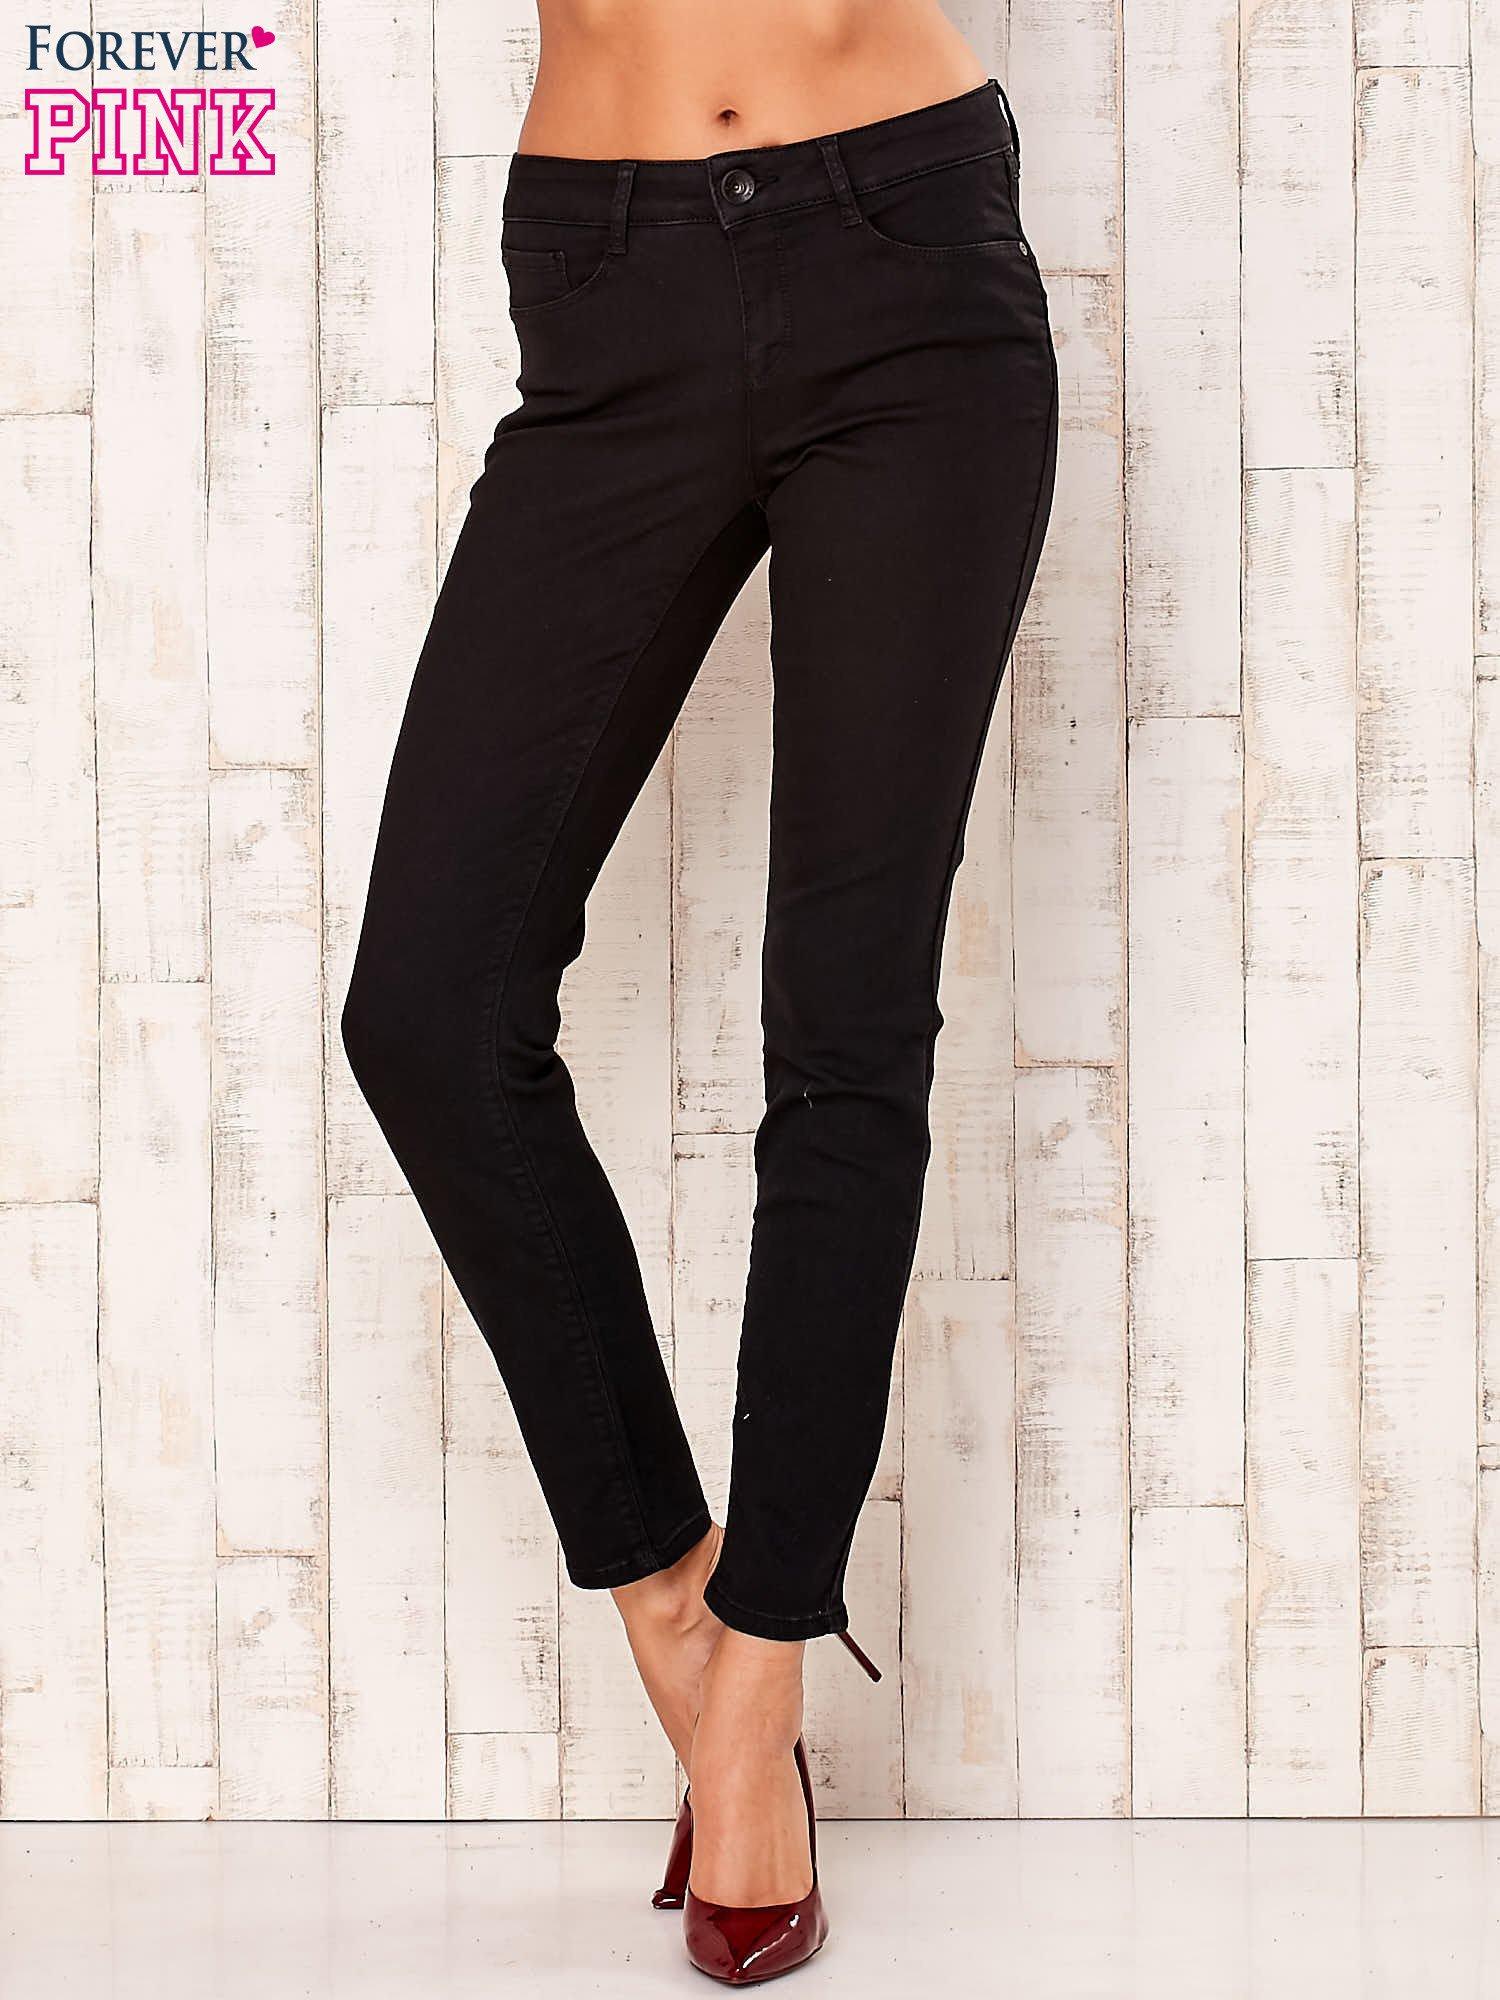 Czarne proste spodnie                                   zdj.                                  1